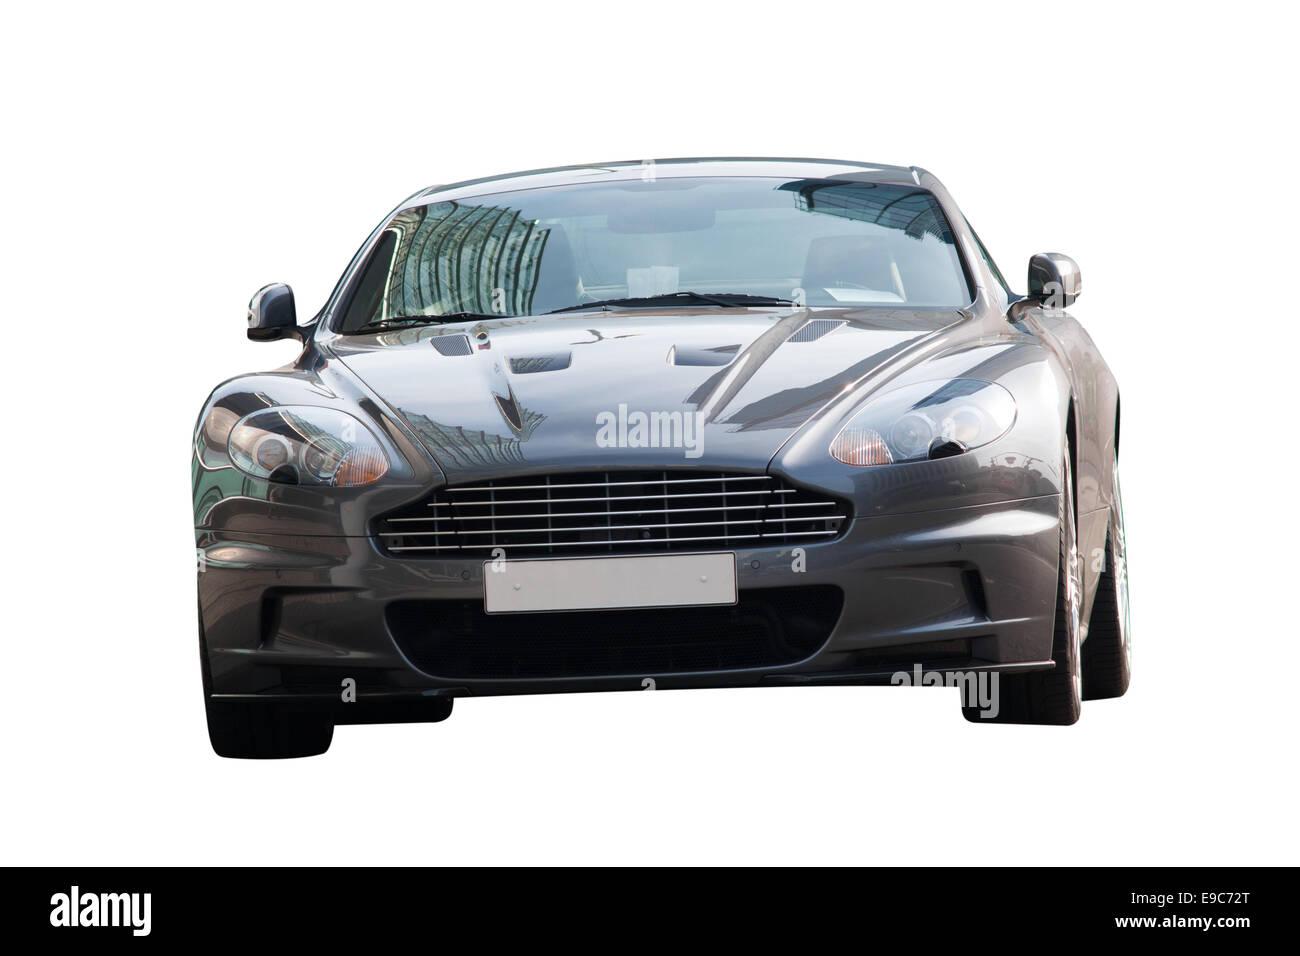 Britische Sportwagen Aston Martin-Vorderansicht Stockbild